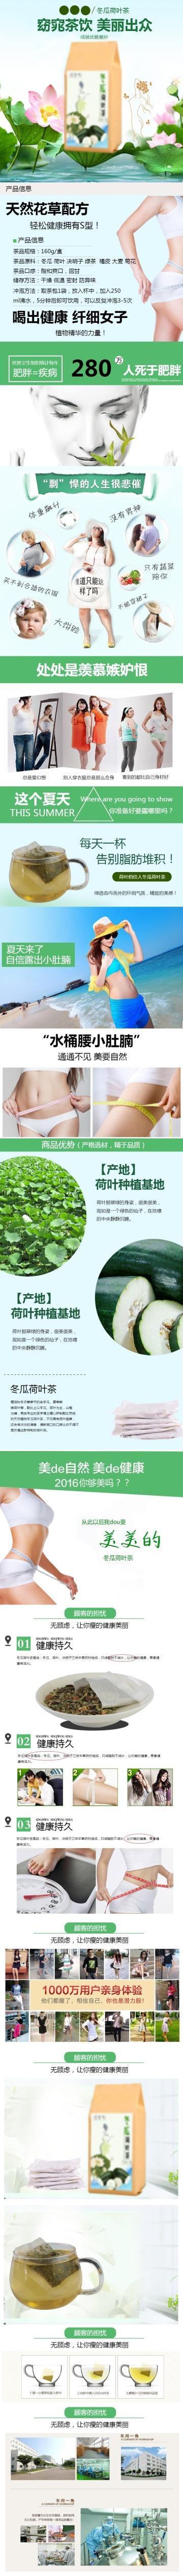 绿色清新文艺生活花茶宣传营销电商详情图